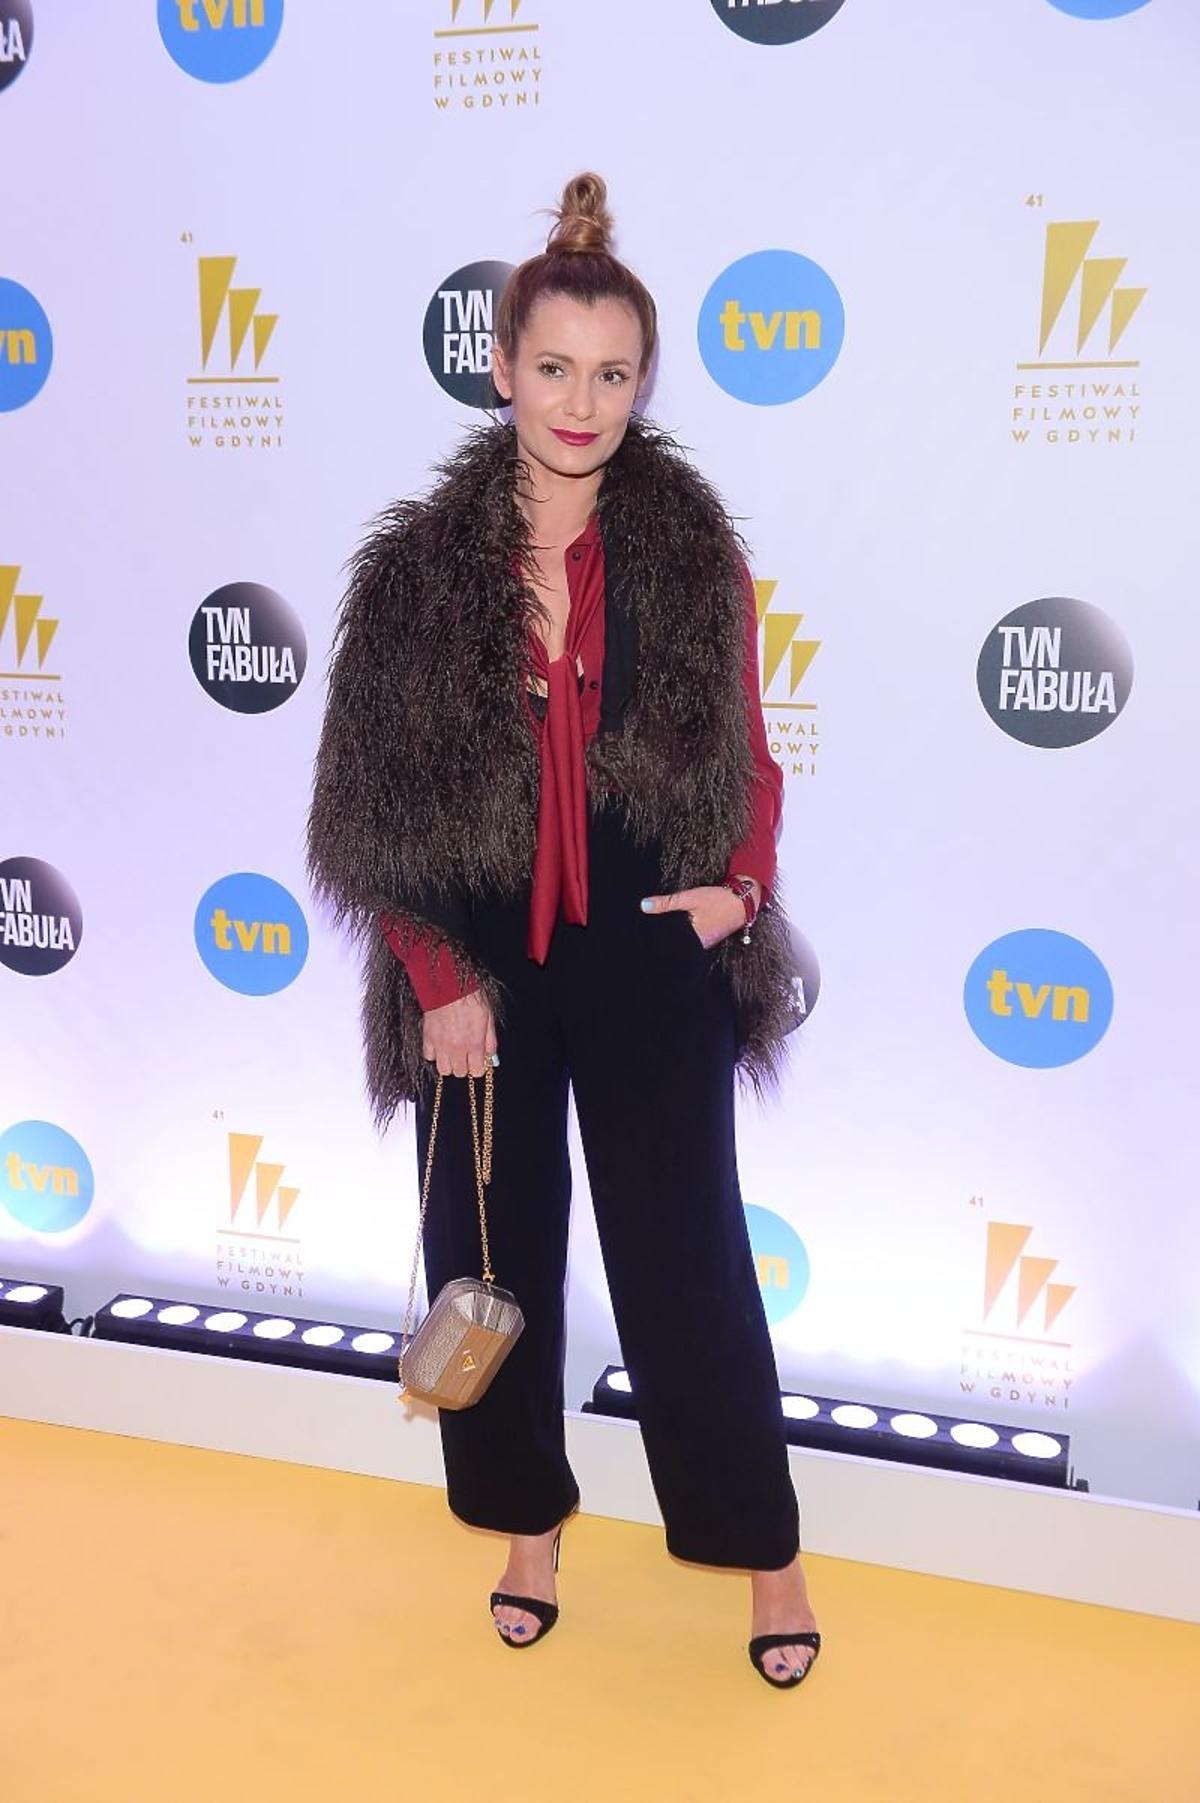 Anna Oberc na imprezie TVN na Festiwalu Filmowym w Gdyni 2016